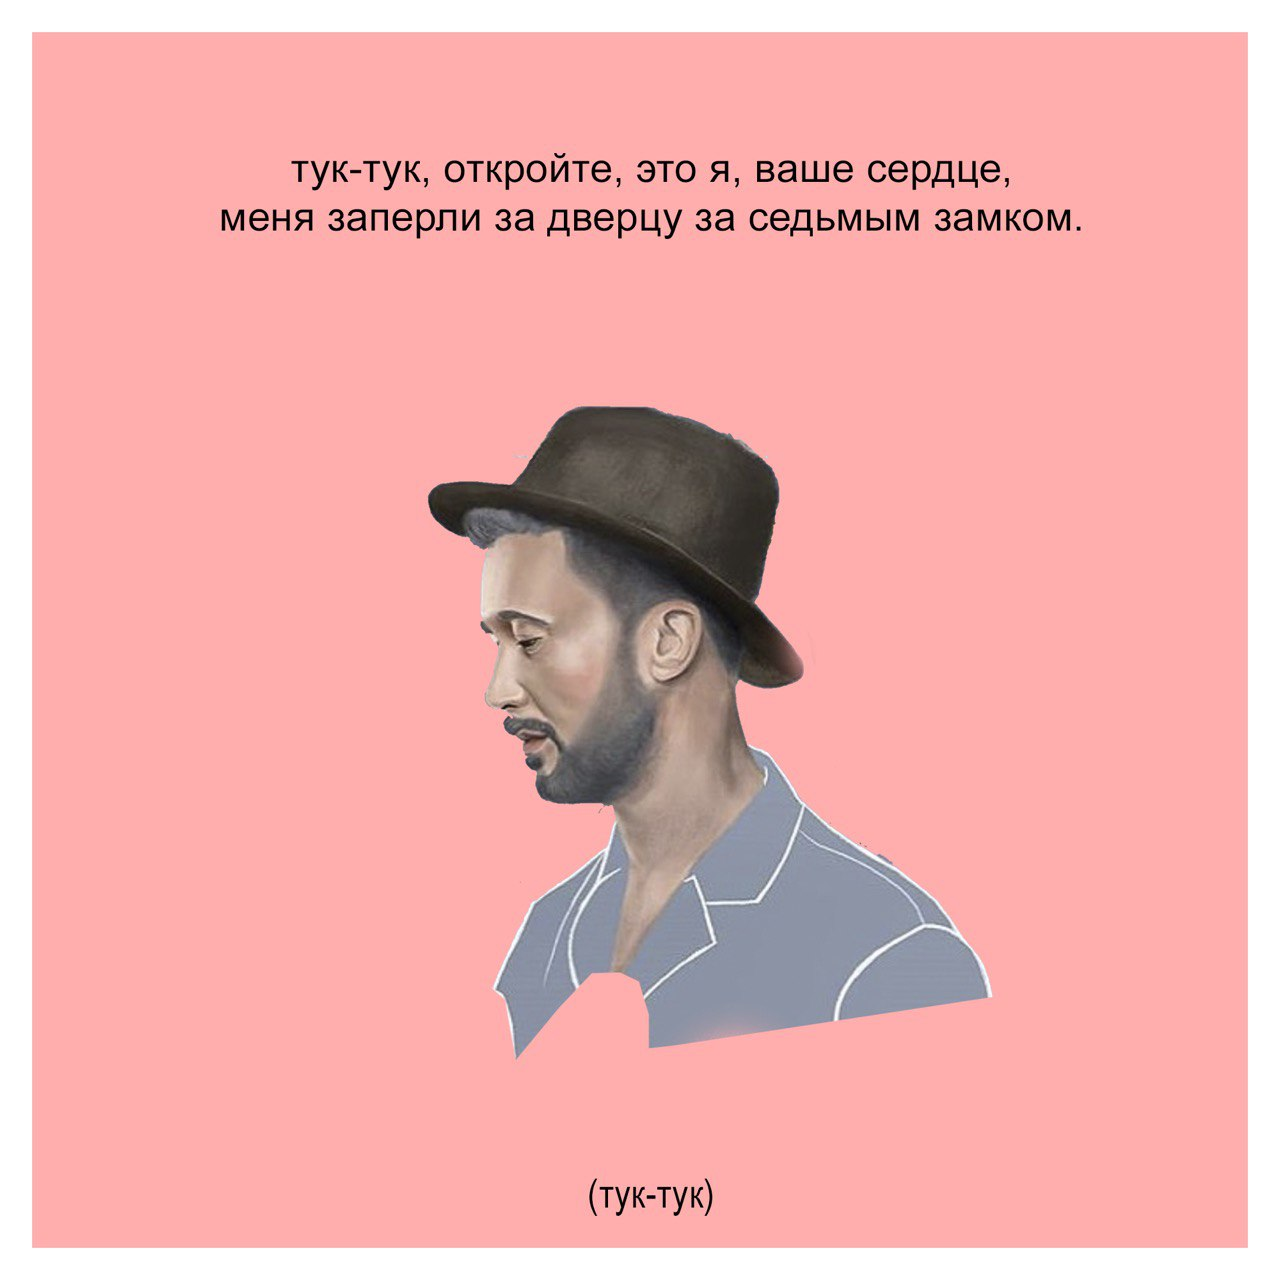 Сергею Бабкину 40 лет: вспоминаем самые душевные треки артиста-Фото 5